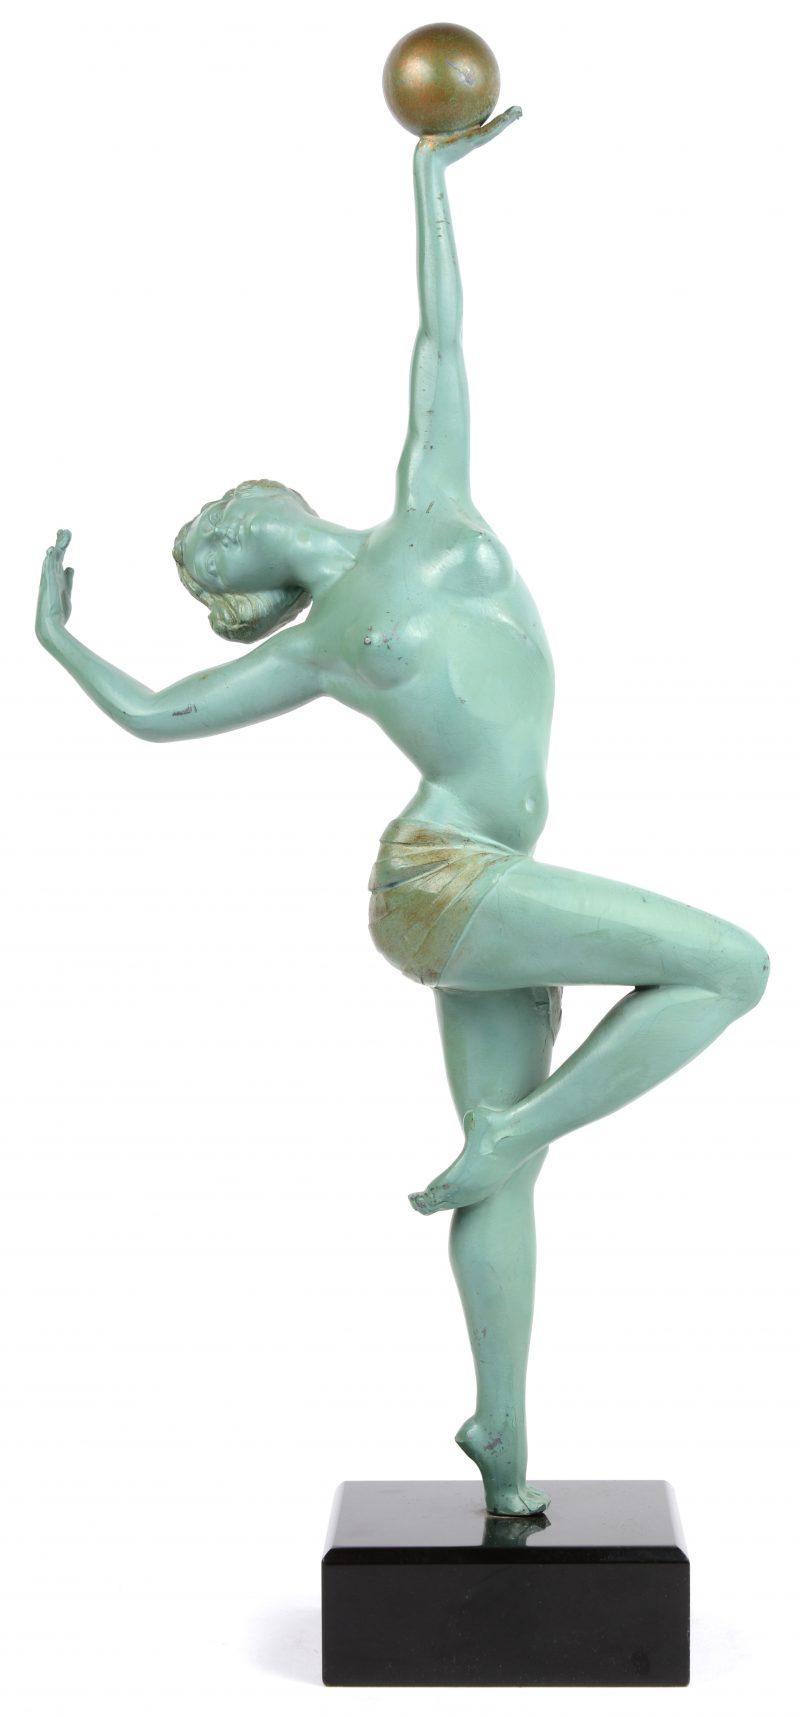 Een art deco danseres van gepatineerd kunstbrons op arduinen sokkel. Gesigneerd 'Aleste'.